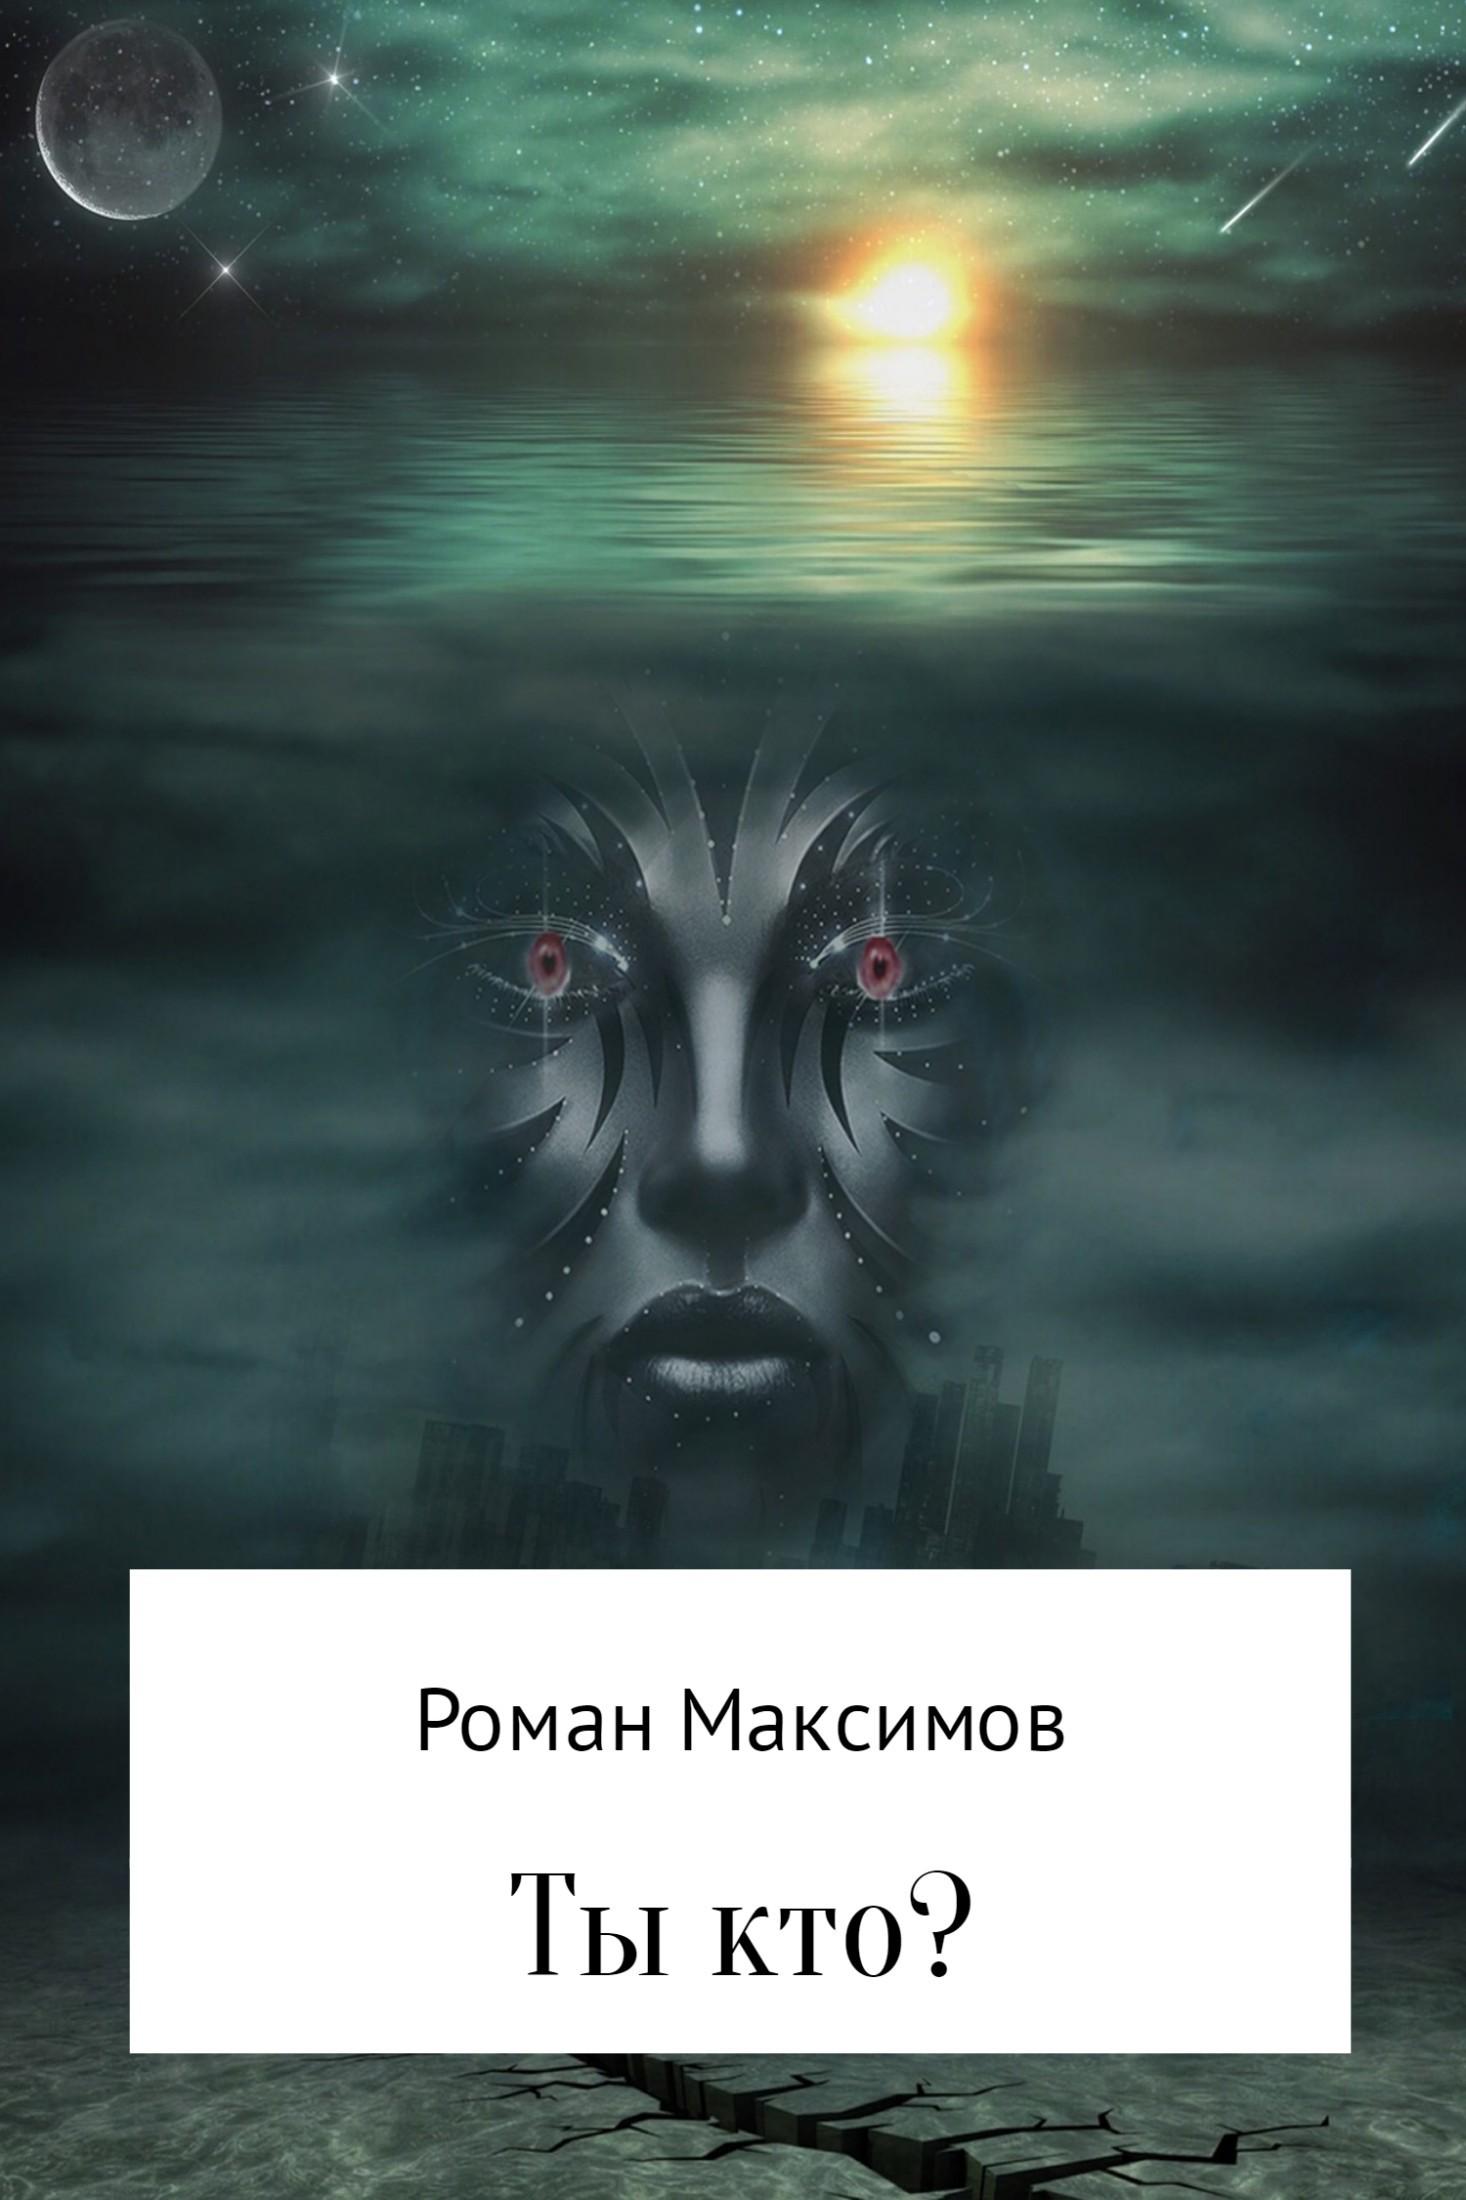 Обложка книги Ты кто?, автор Роман Романович Максимов